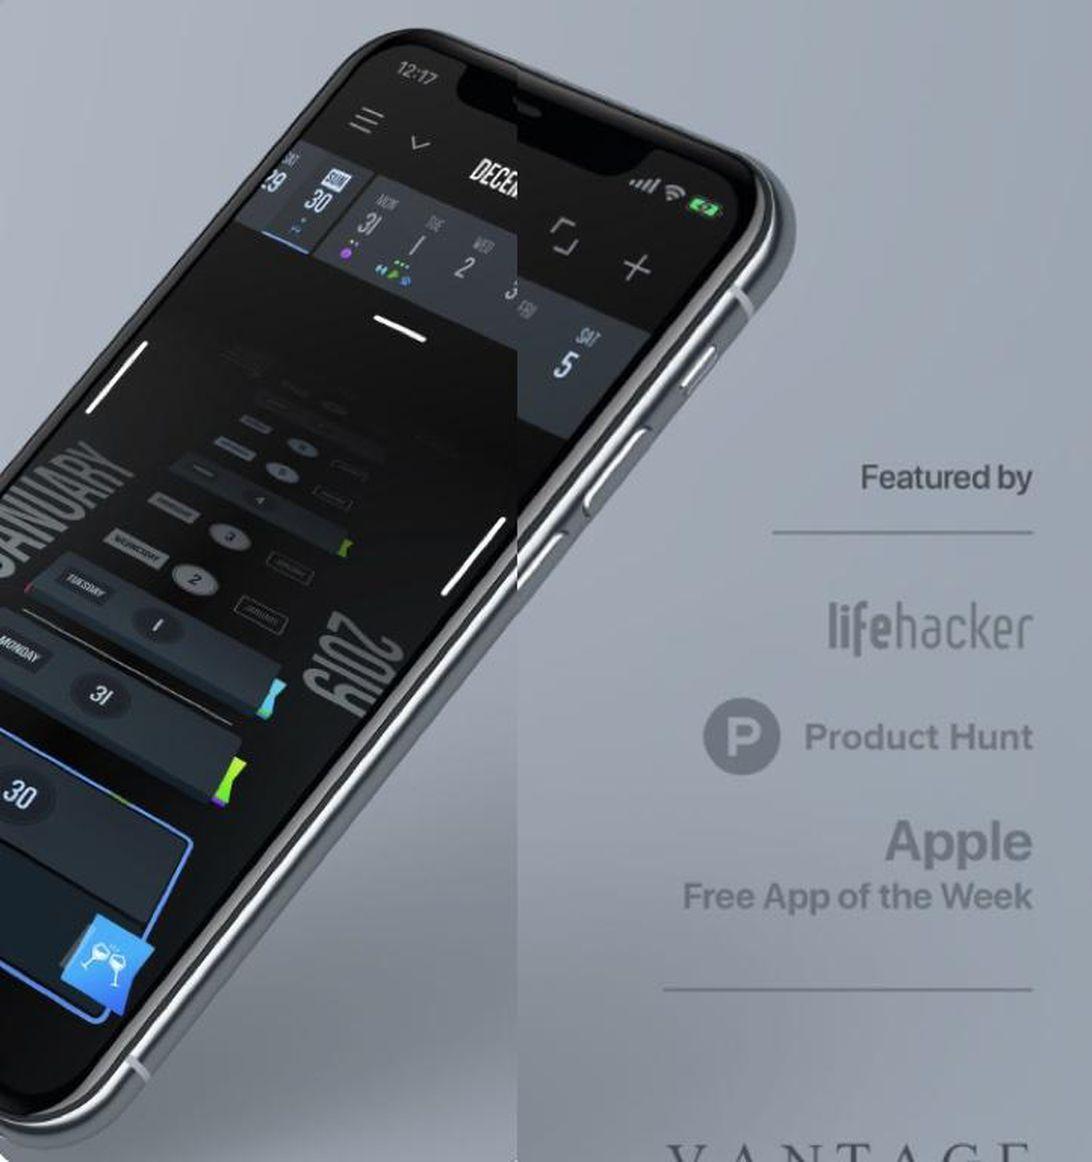 Best iPhone calendar apps for 2019 | TechSkylight com